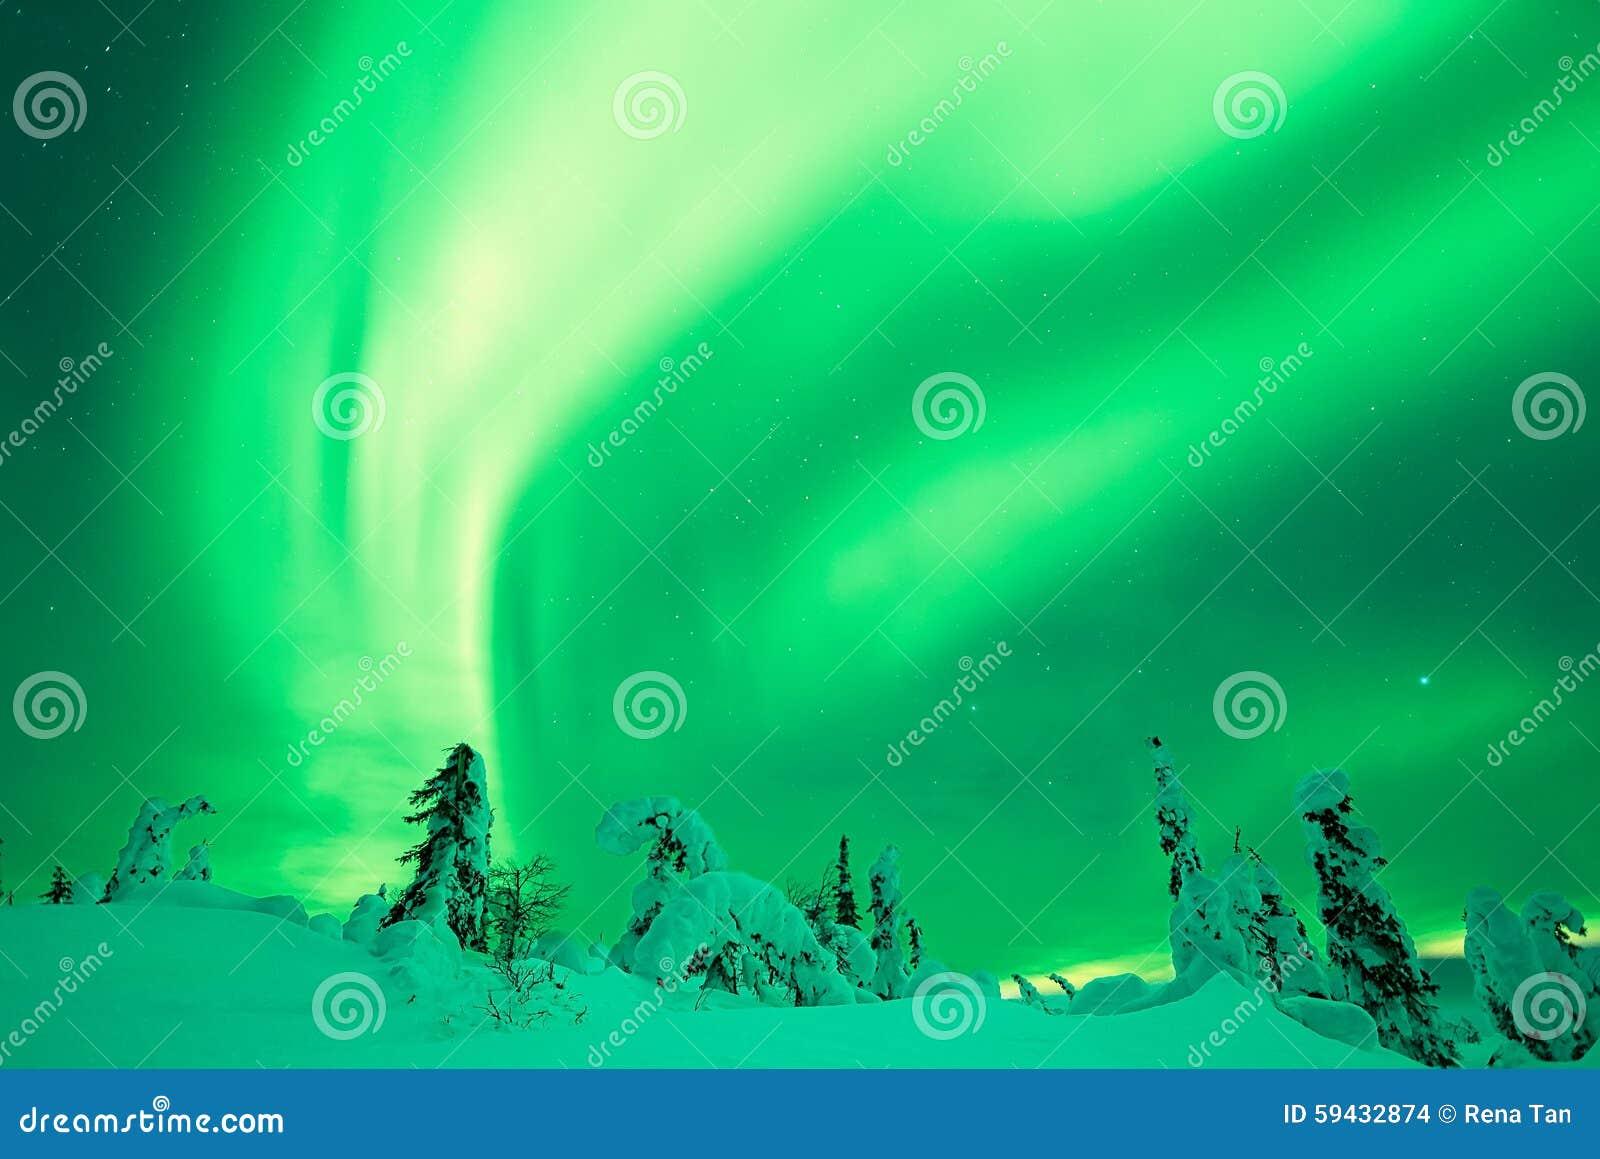 Aurora Borealis with snowy trees